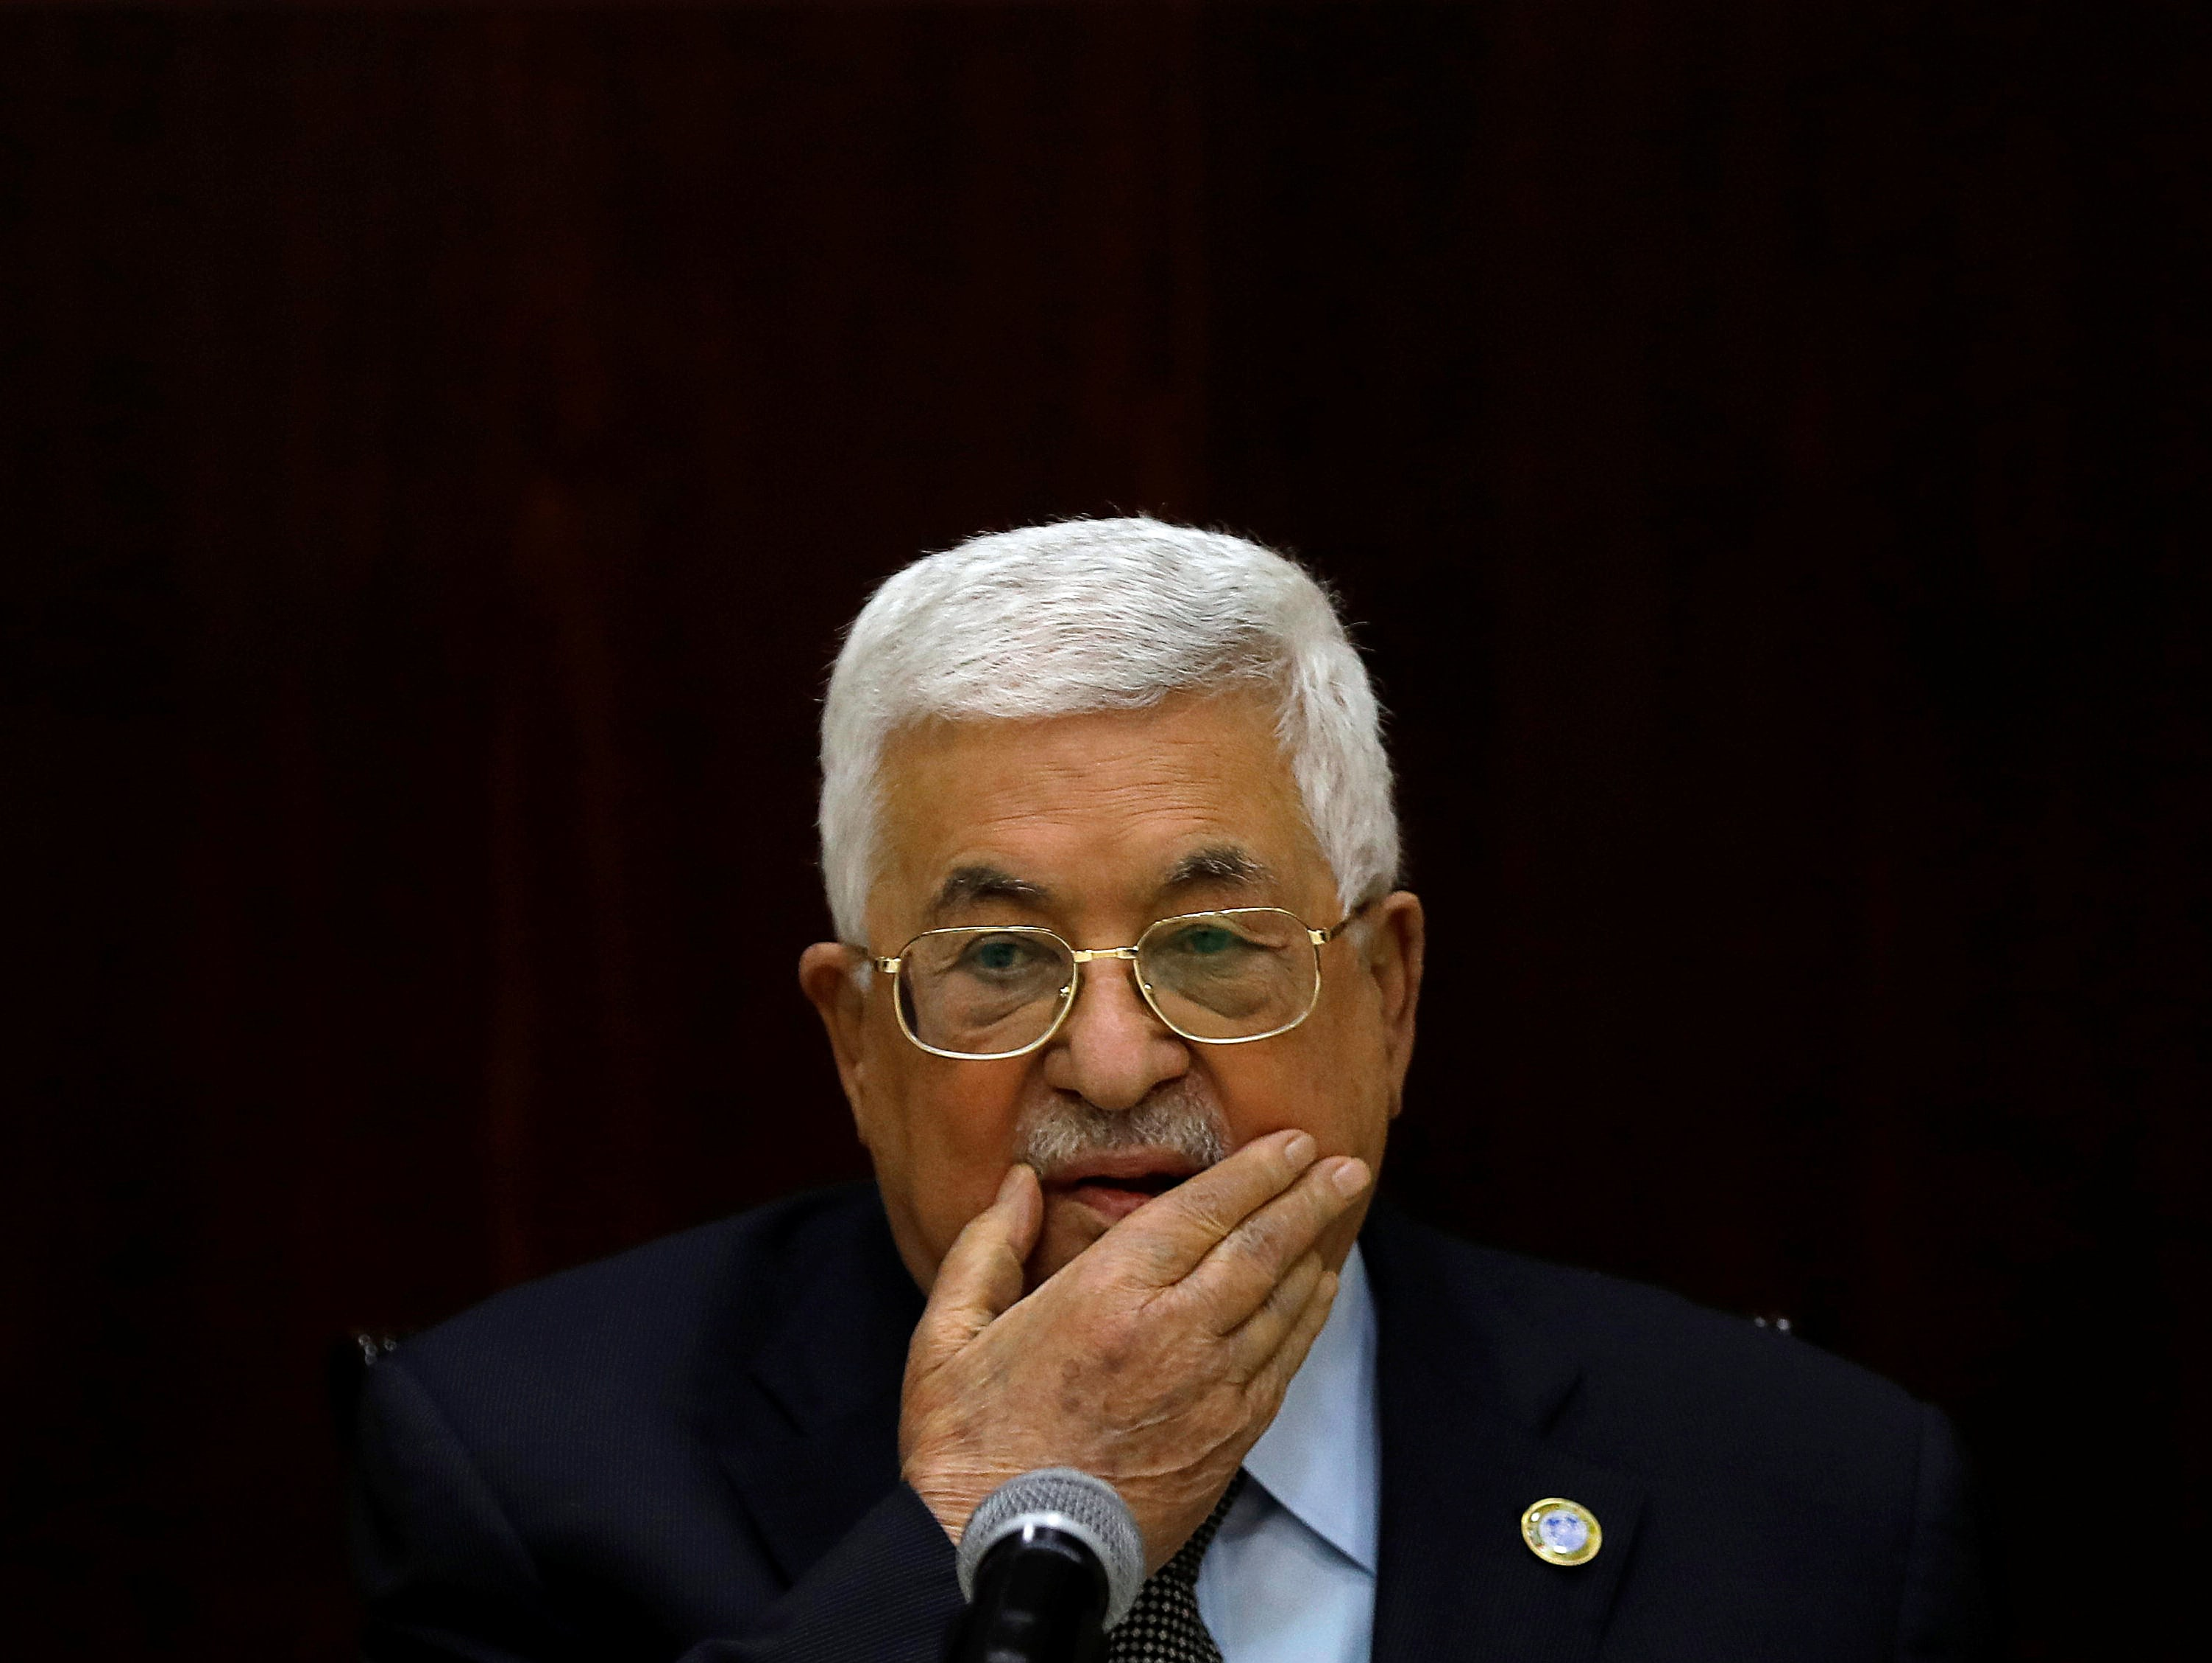 אבו מאזן: לא נקבל עוד את כספי המסים שישראל גובה עבורנו